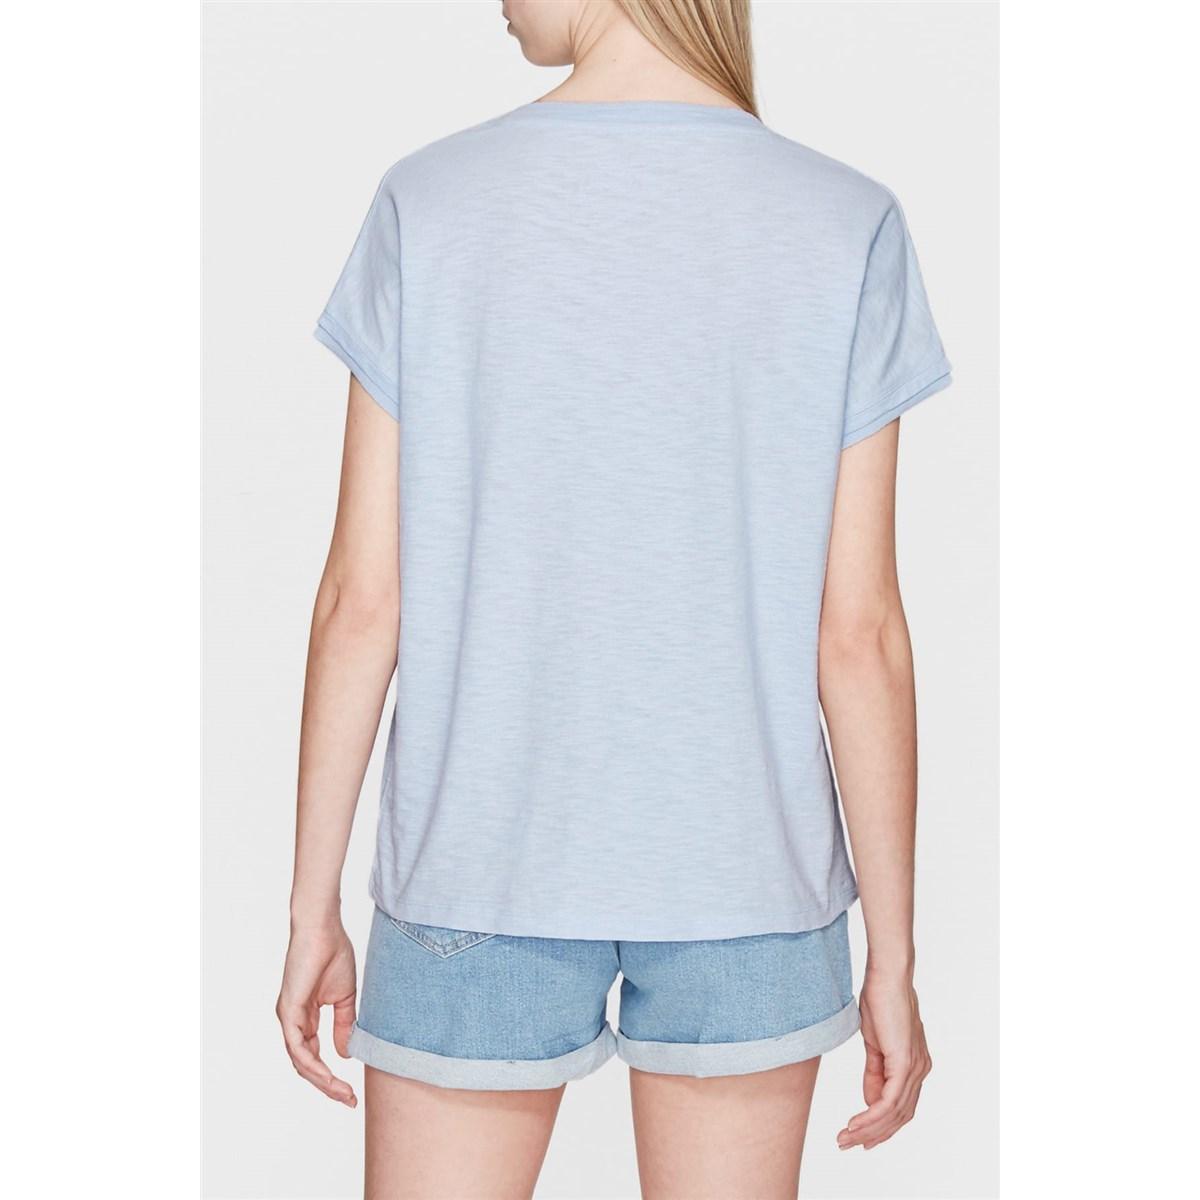 Mavi V Yaka Kadın Pus Mavisi Tişört (rahat kesim)